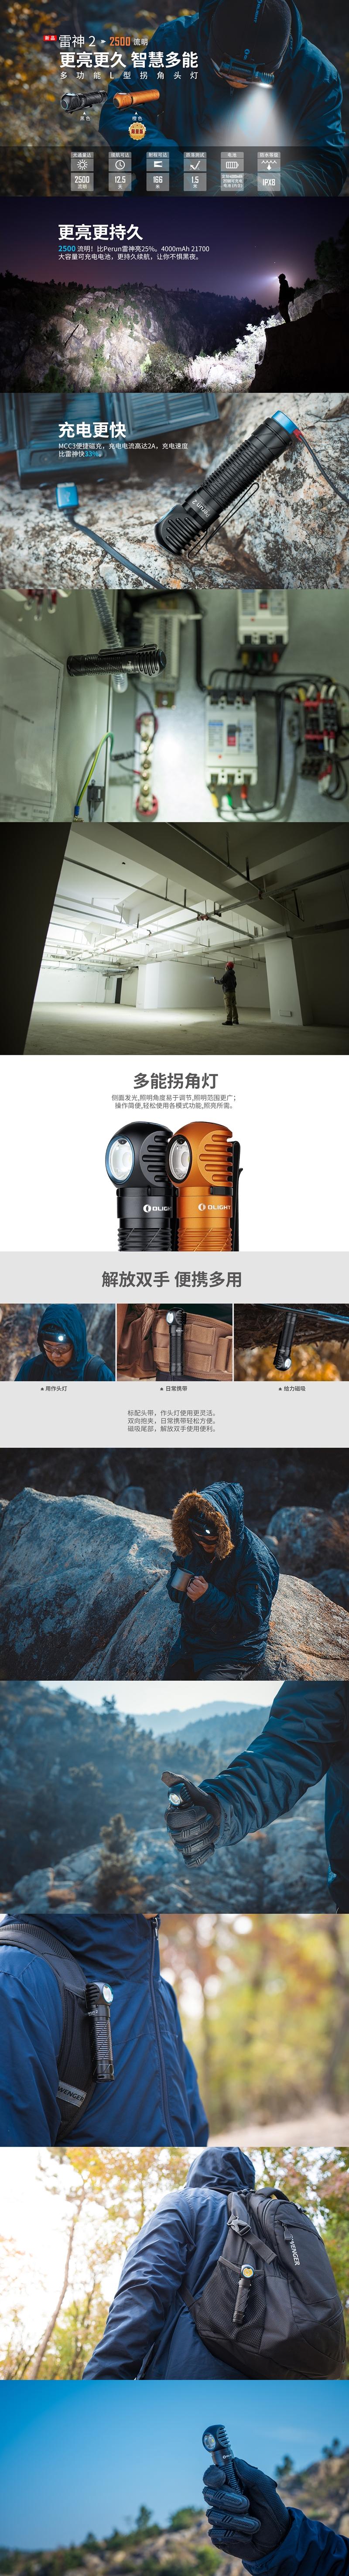 【錸特光電】OLIGHT PERUN 2 雷神2 2500流明 多功能感應L型轉角燈 (1)